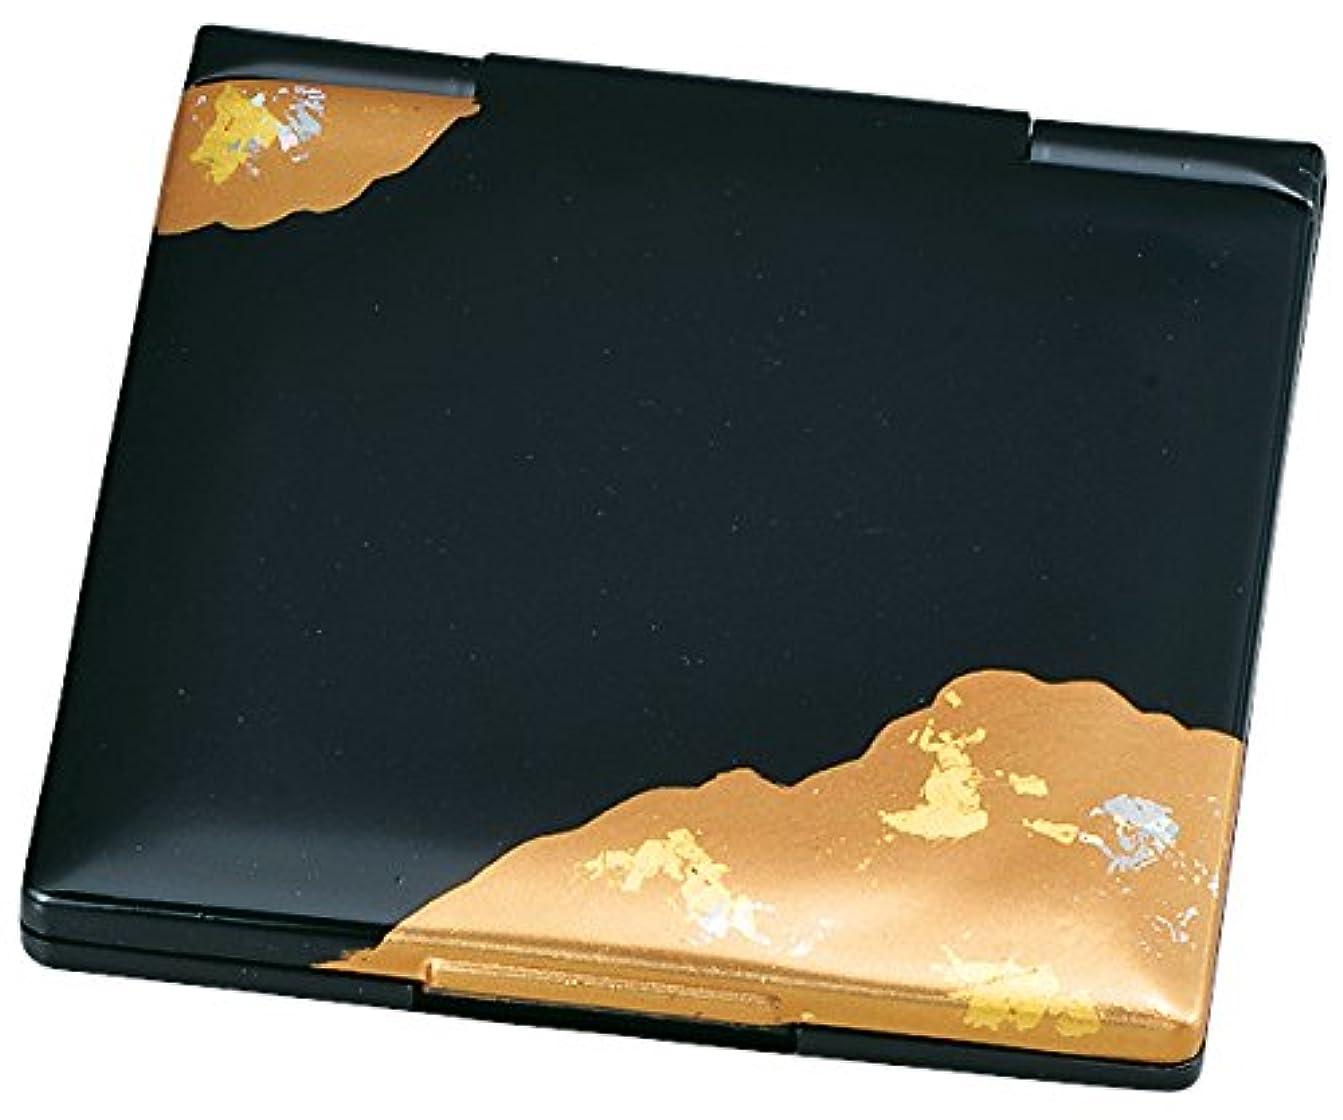 外交官累計見せます中谷兄弟商会 山中漆器 コンパクトミラー 純金箔工芸 黒 金雲33-0401